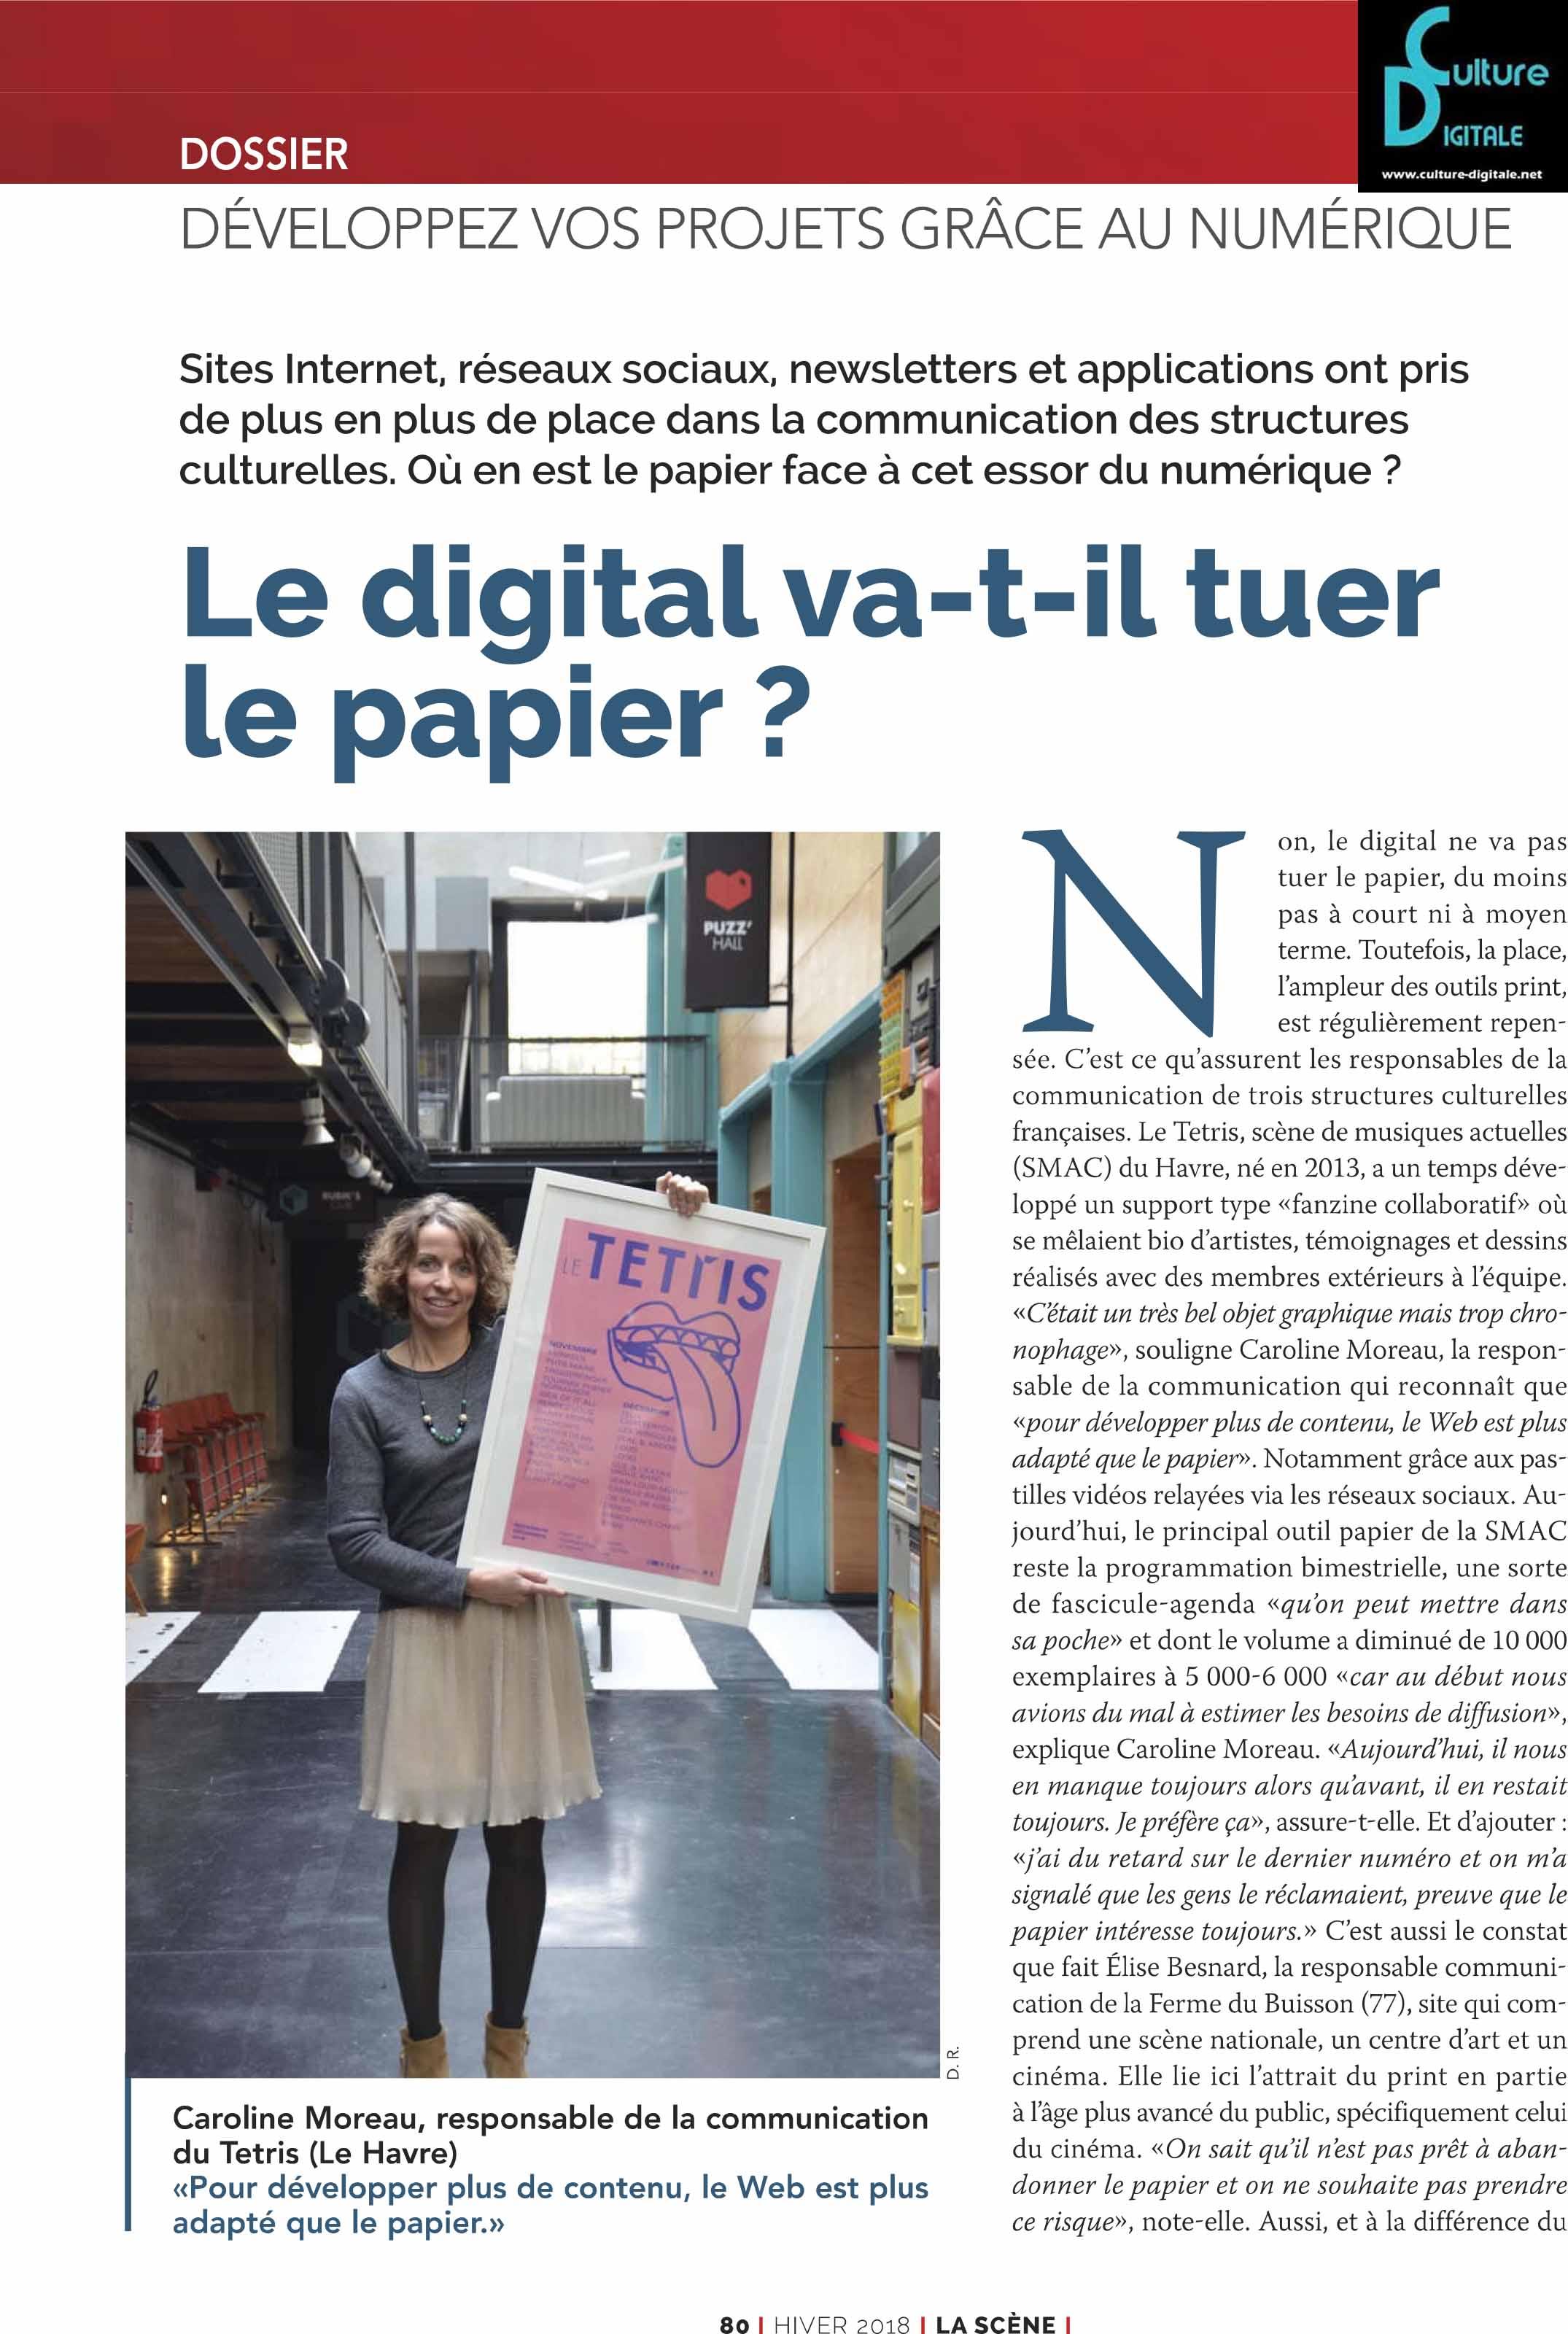 numerique-et-papier-la_scene-1  Le numérique va-t-il tuer le papier ? numerique et papier la scene 1